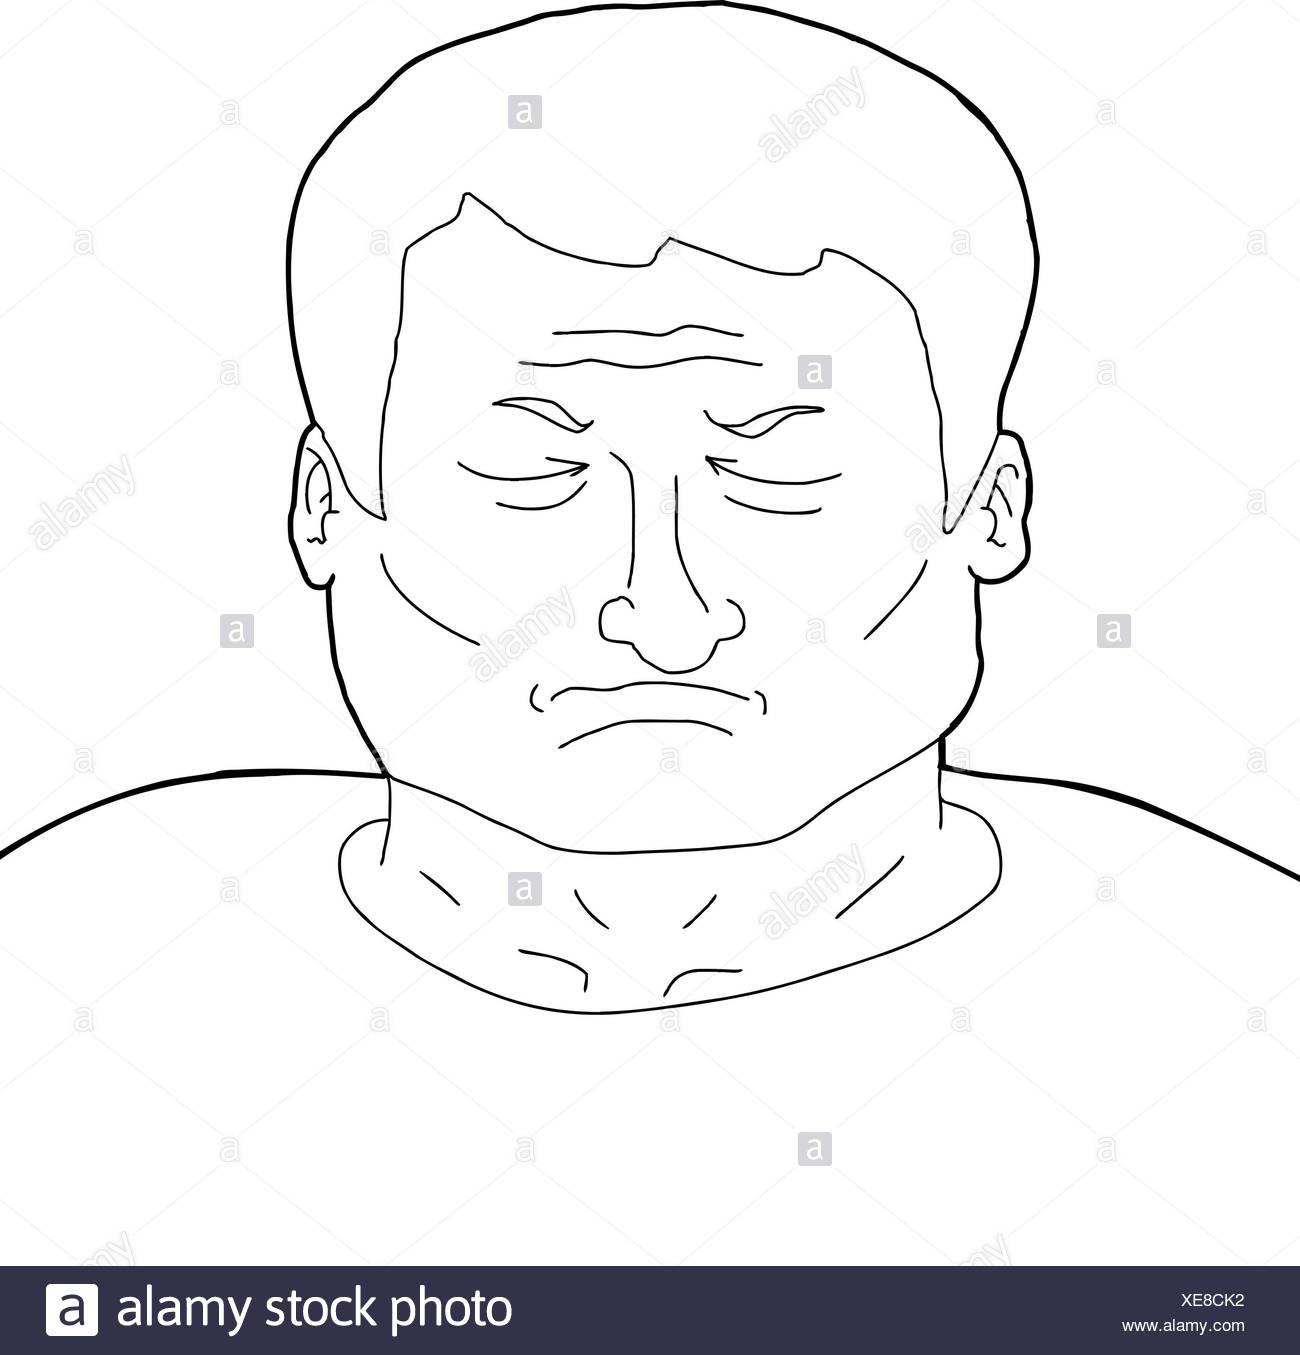 Esquema De Dibujos Animados De Un Hombre Adulto Con Los Ojos